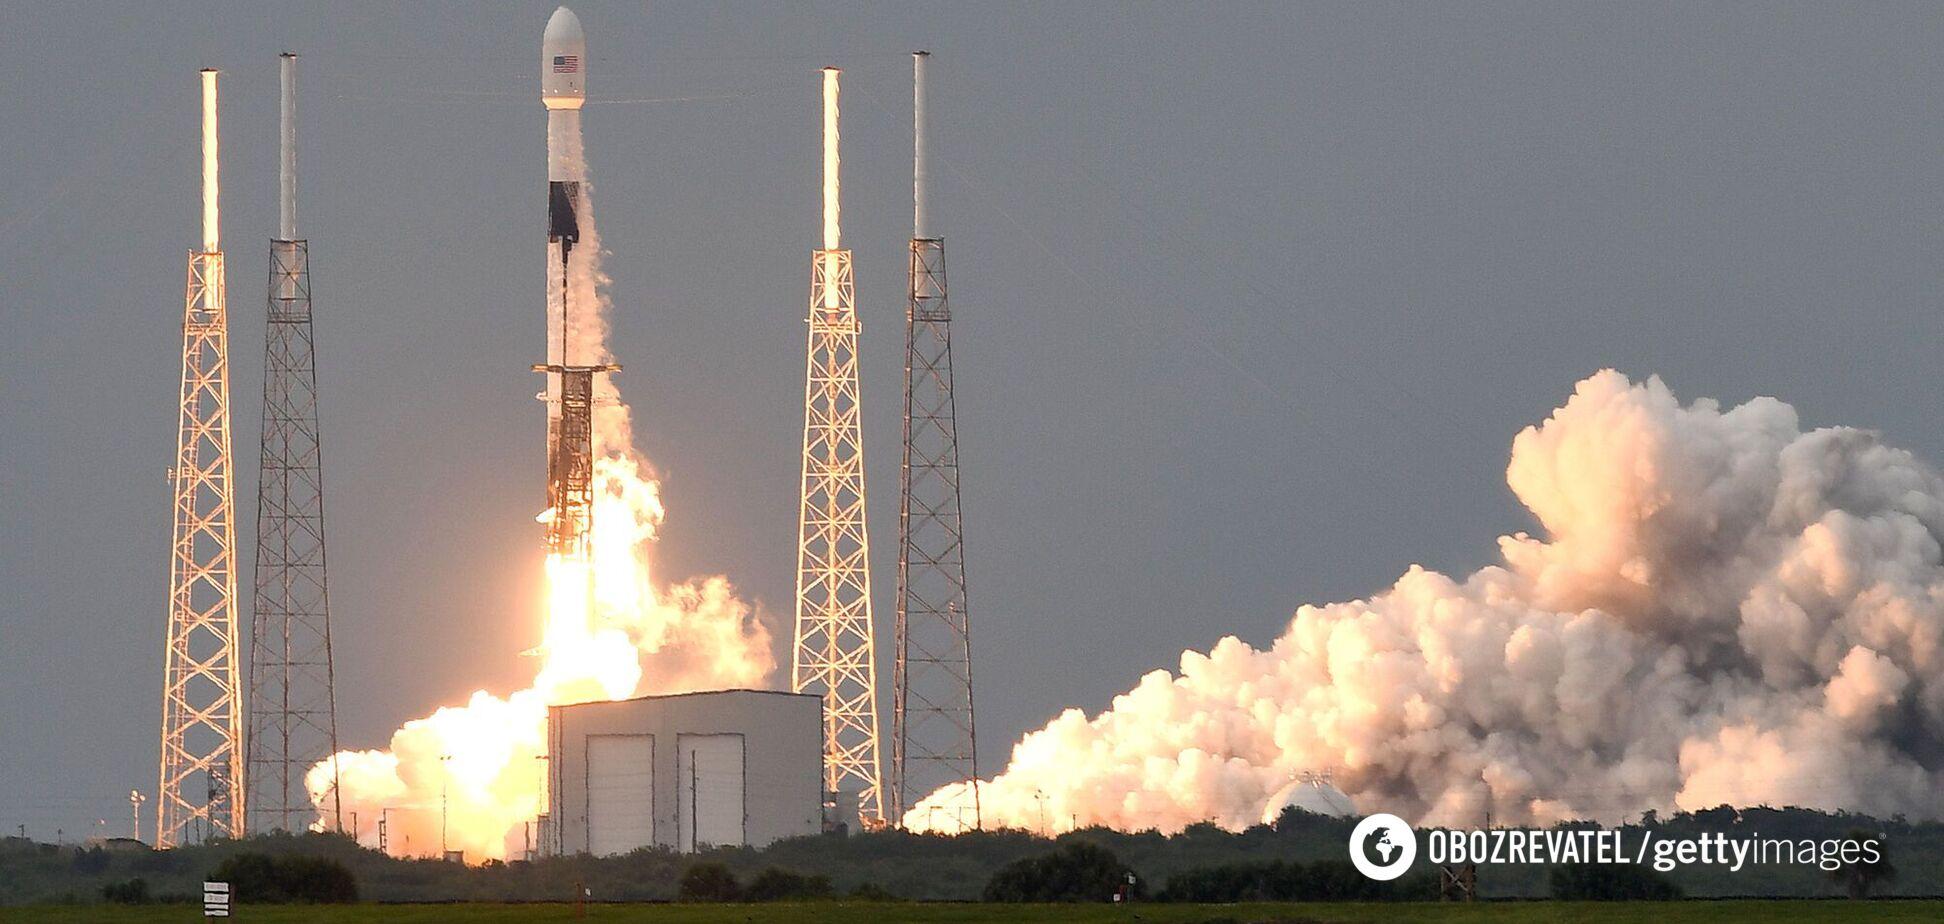 Илон Маск с шестого раза запустил ракету Falcon 9 со спутниками. Видео